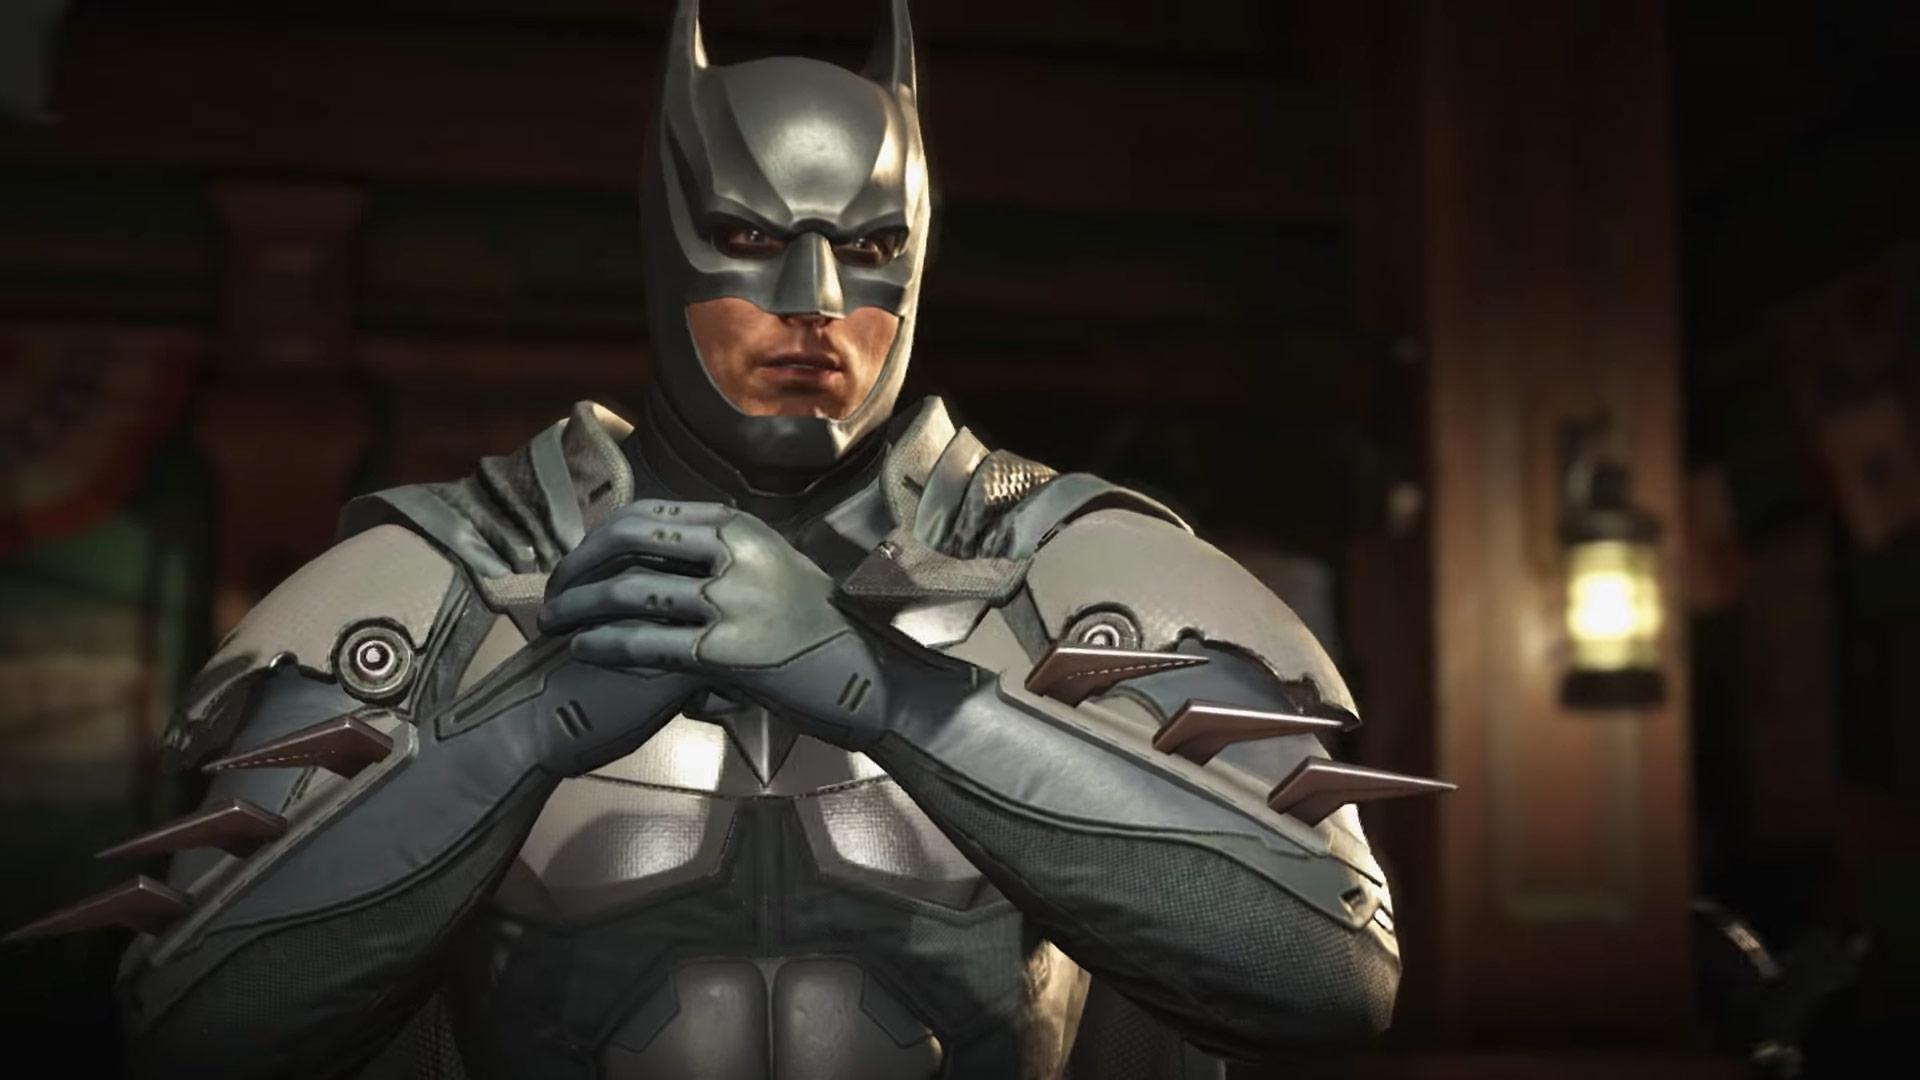 Injustice-2-Batman